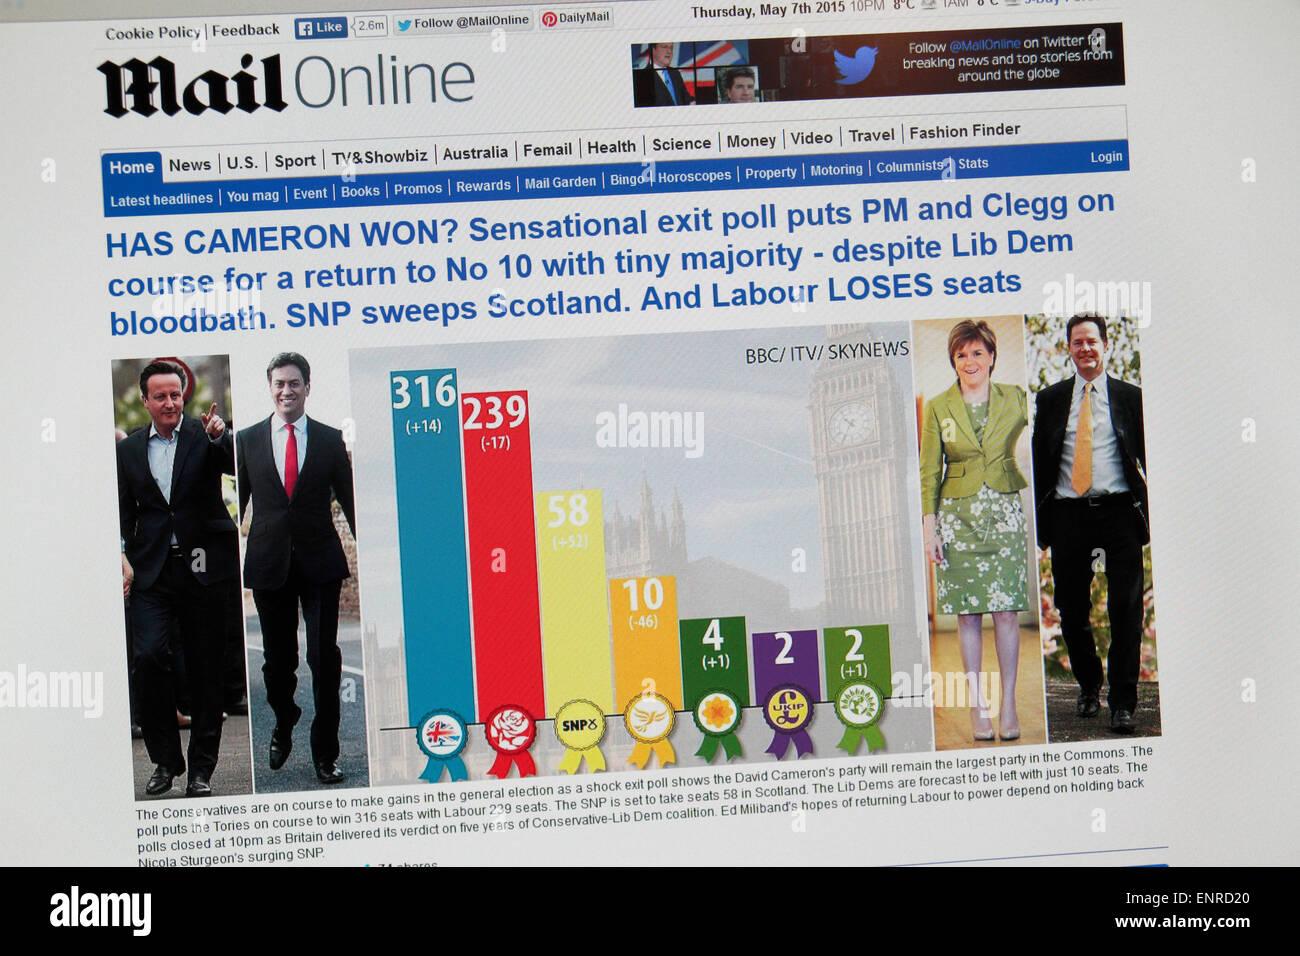 Il Daily Mail sito online che mostra lo shock exit poll subito dopo 10pm il 7 maggio 2015 nell'elezione generale Immagini Stock